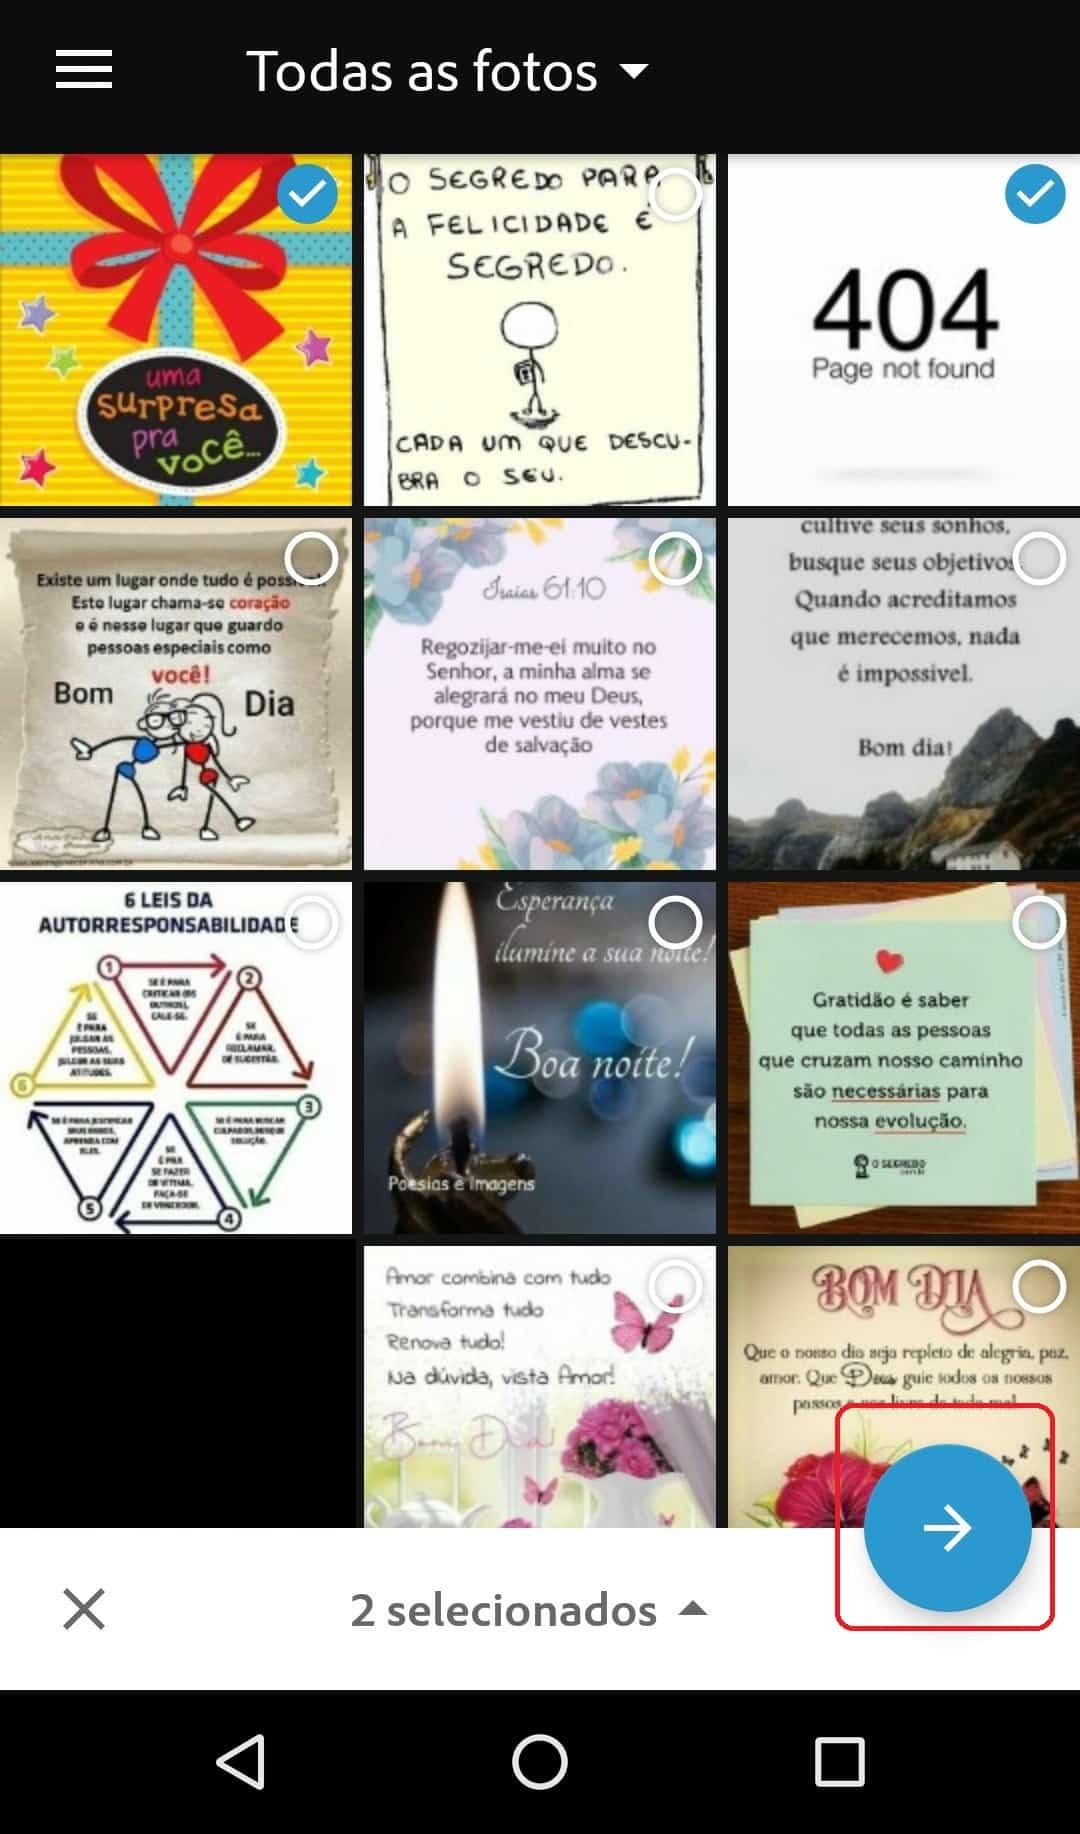 imagem 3 de Como enviar no WhatsApp imagens que mudam depois de abertas